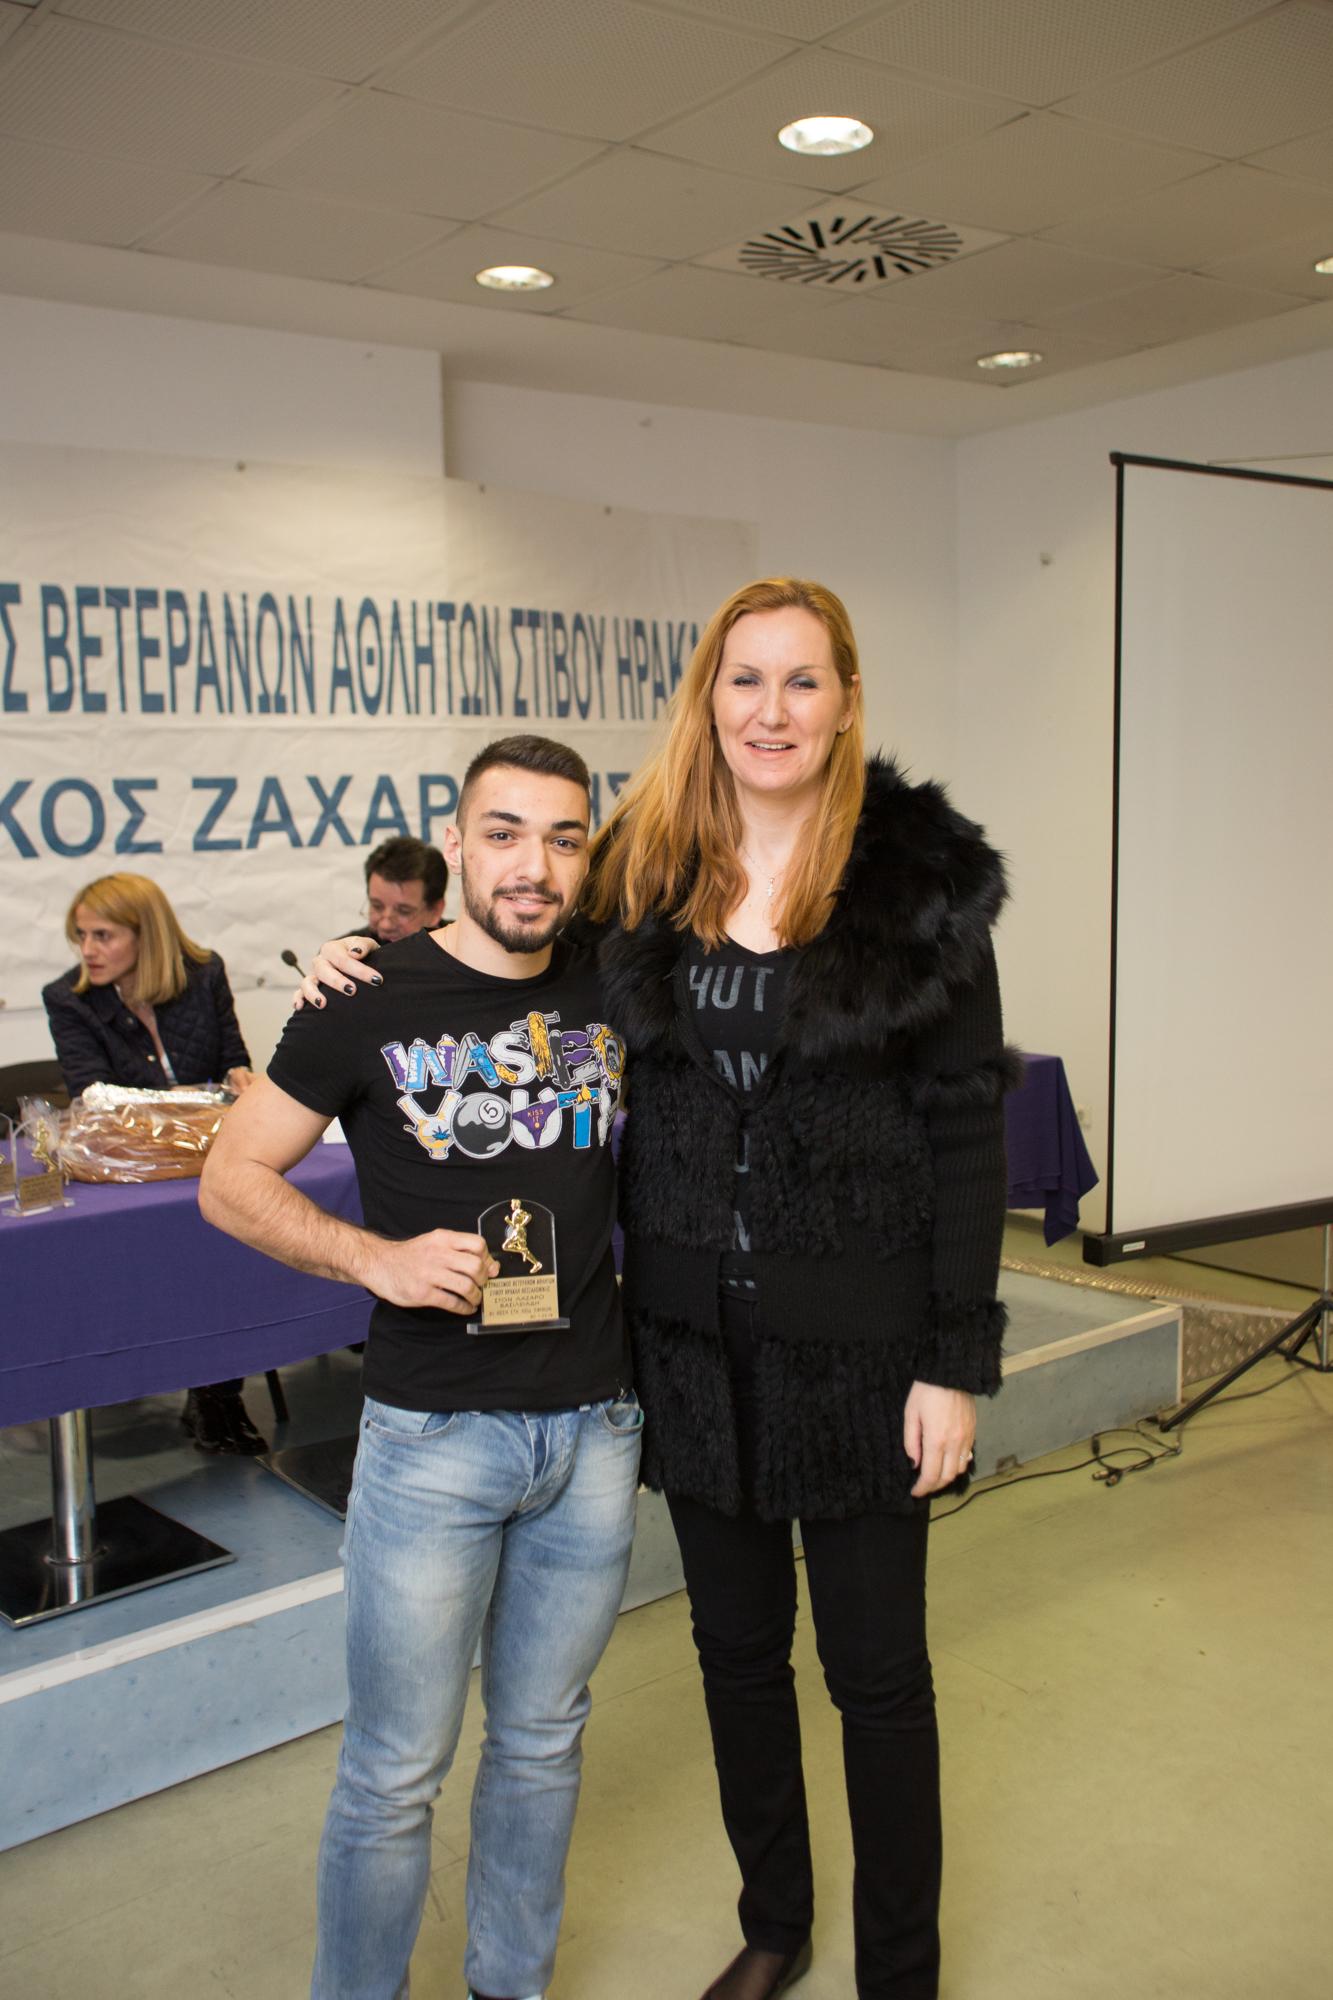 Βασιλειάδης Λάζ. βραβείο από Τασούλα Κελεσίδου